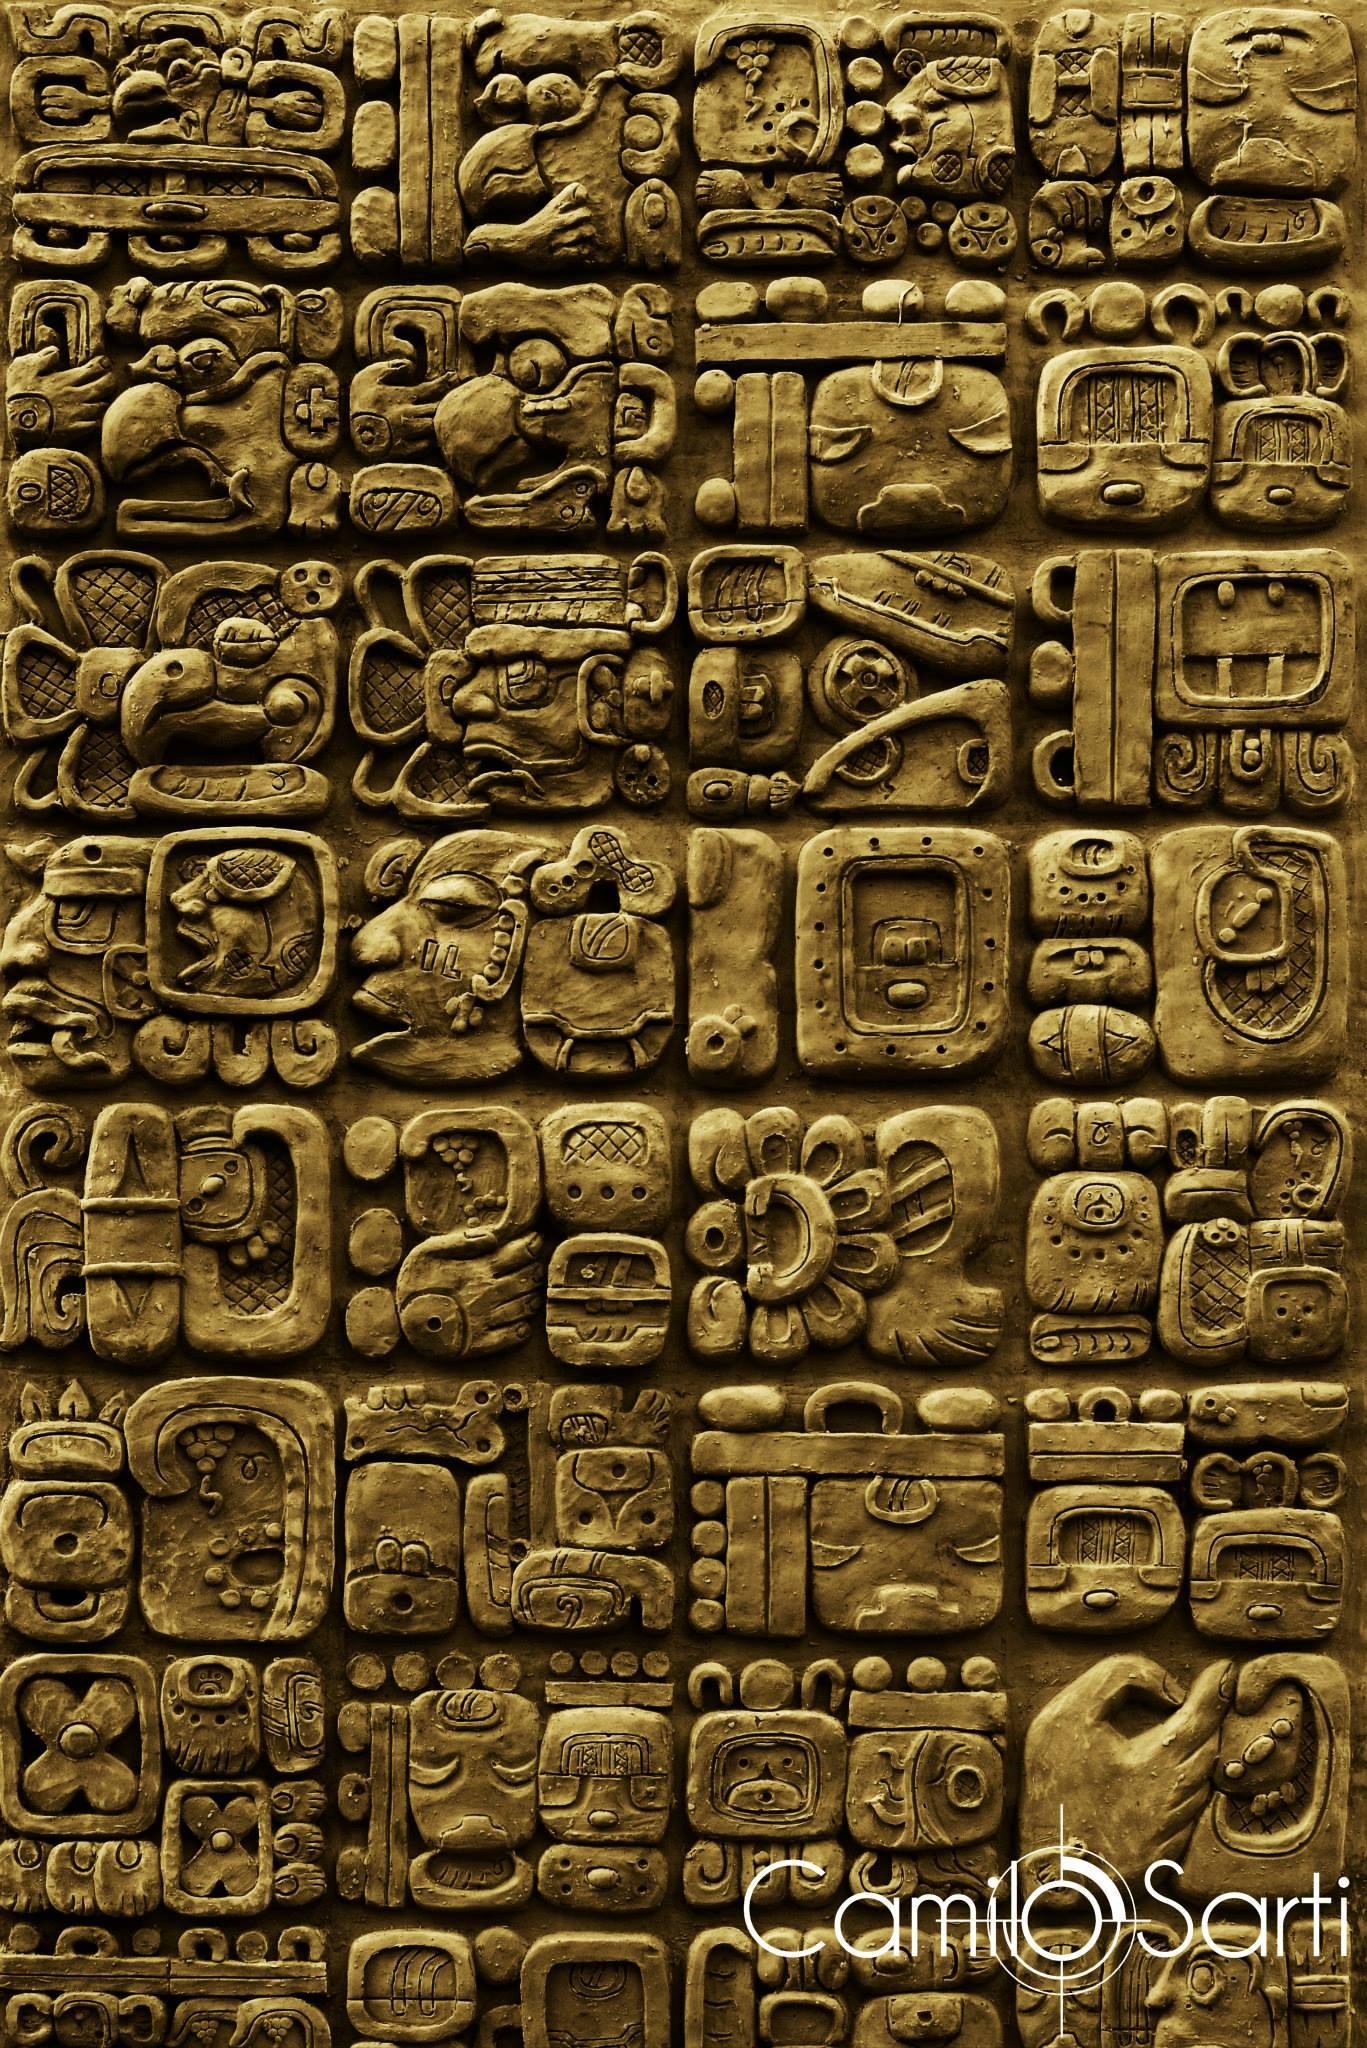 Mayan writing translation